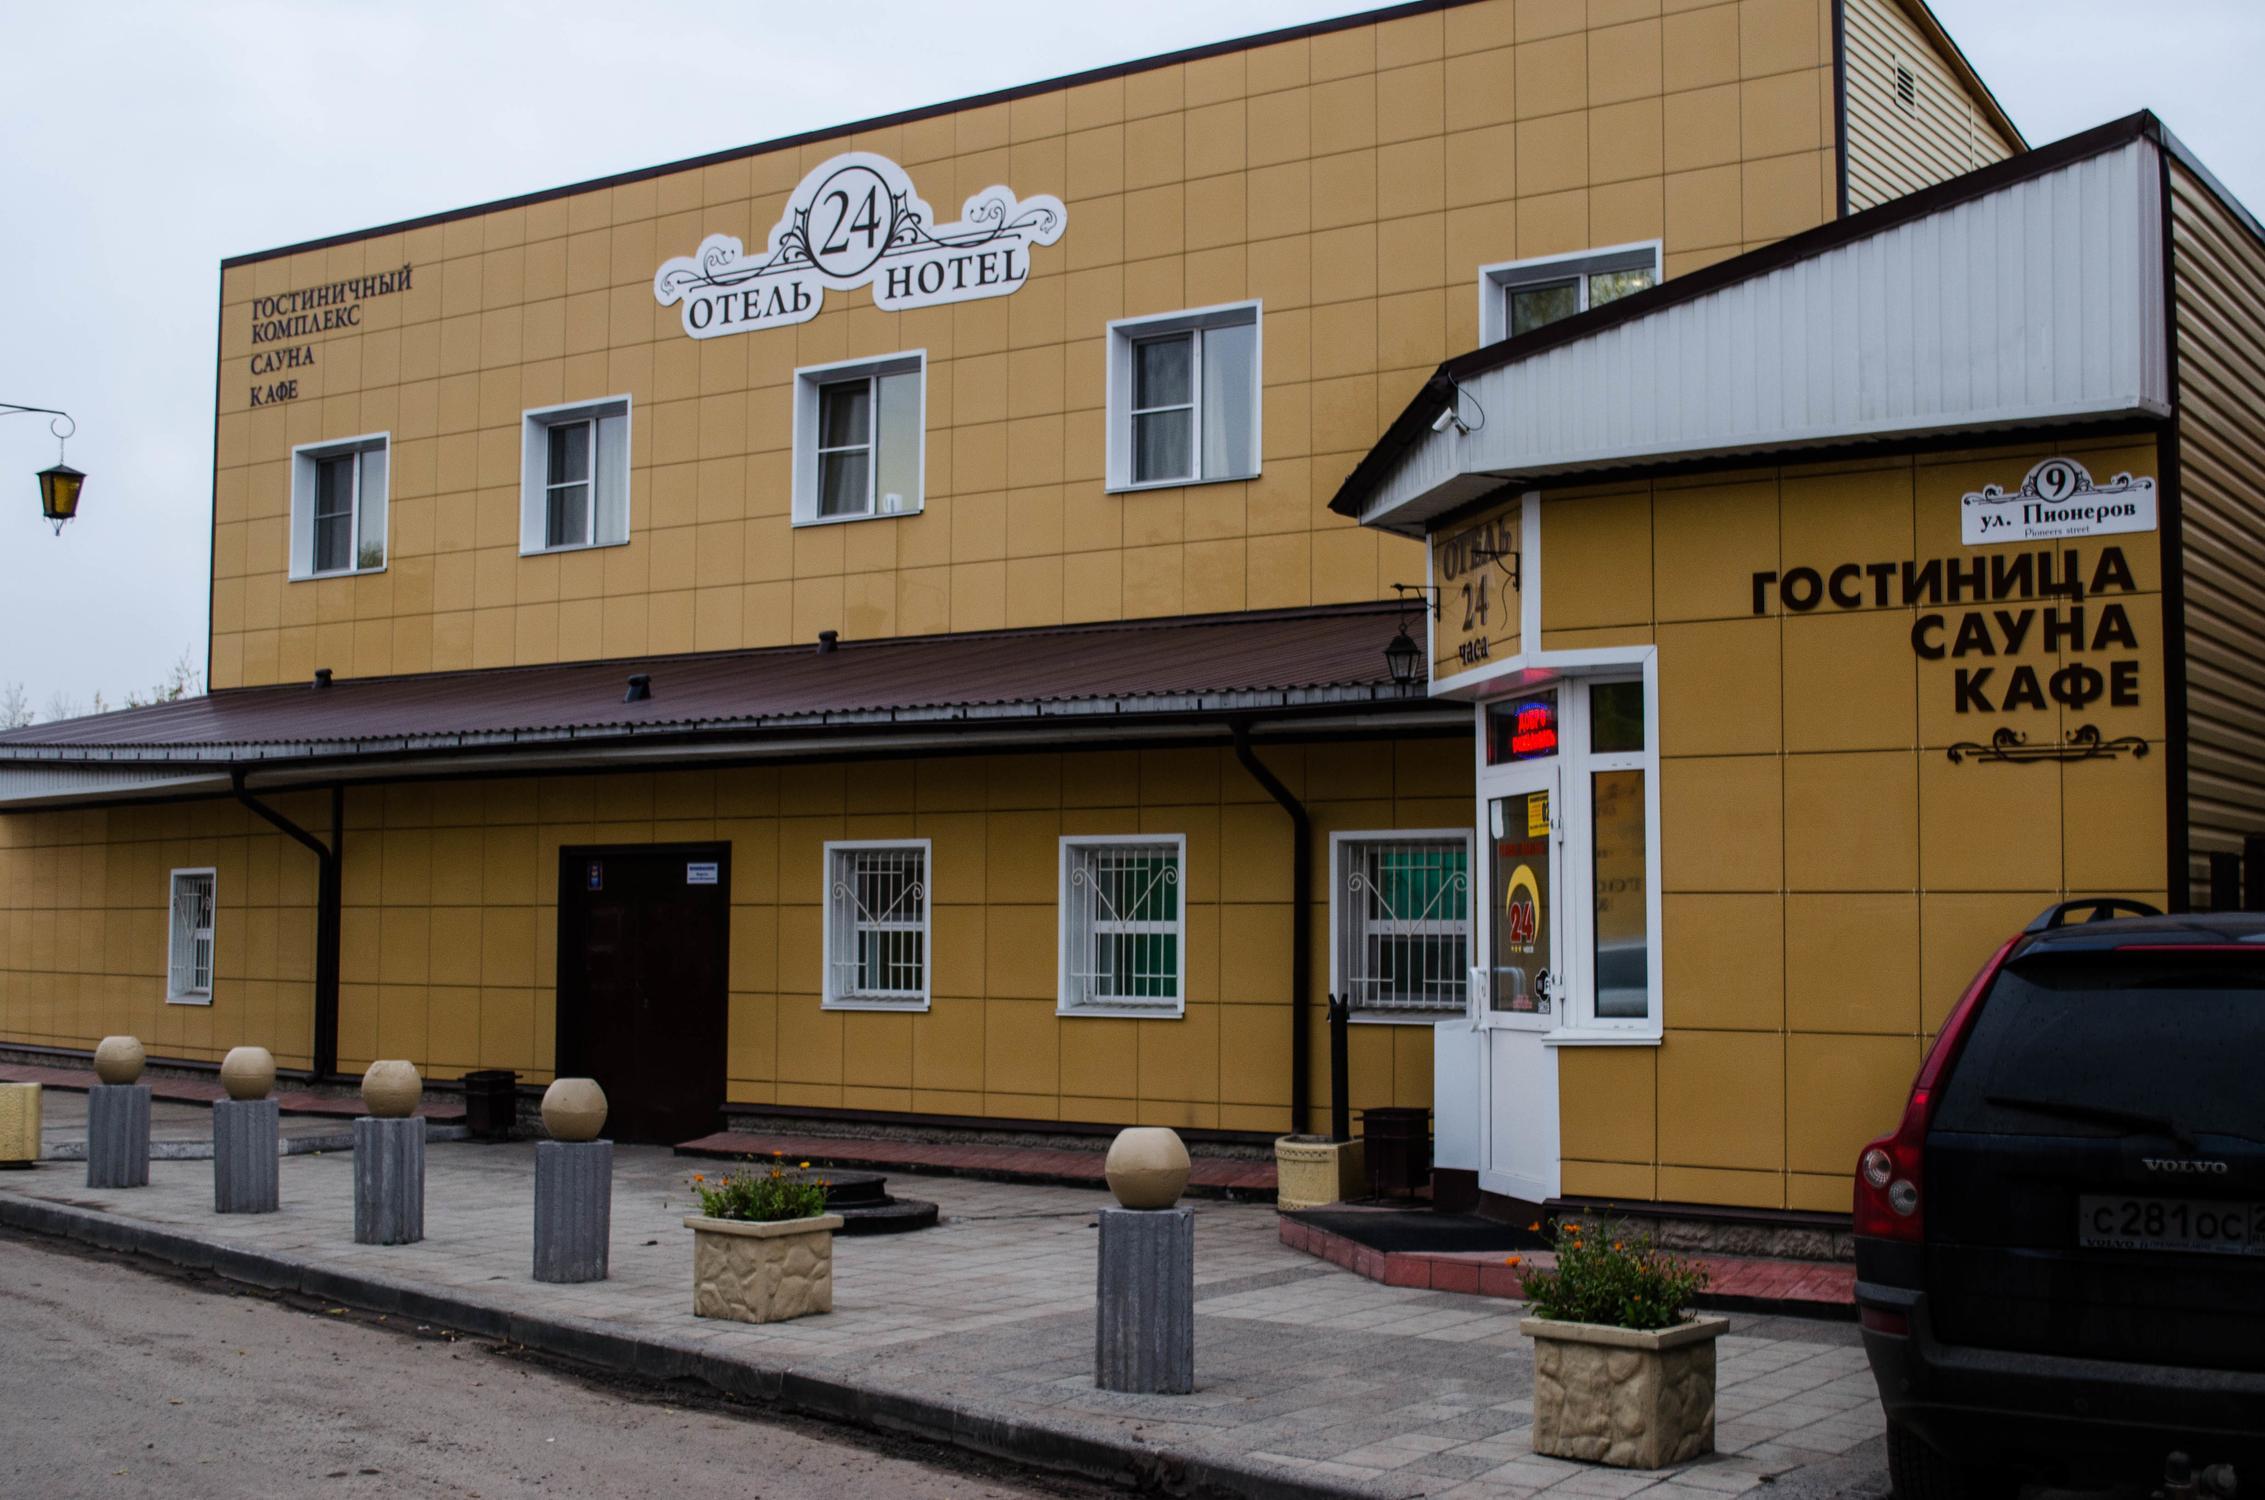 фотография Гостиничного комплекса Отель 24 часа на улице Пионеров